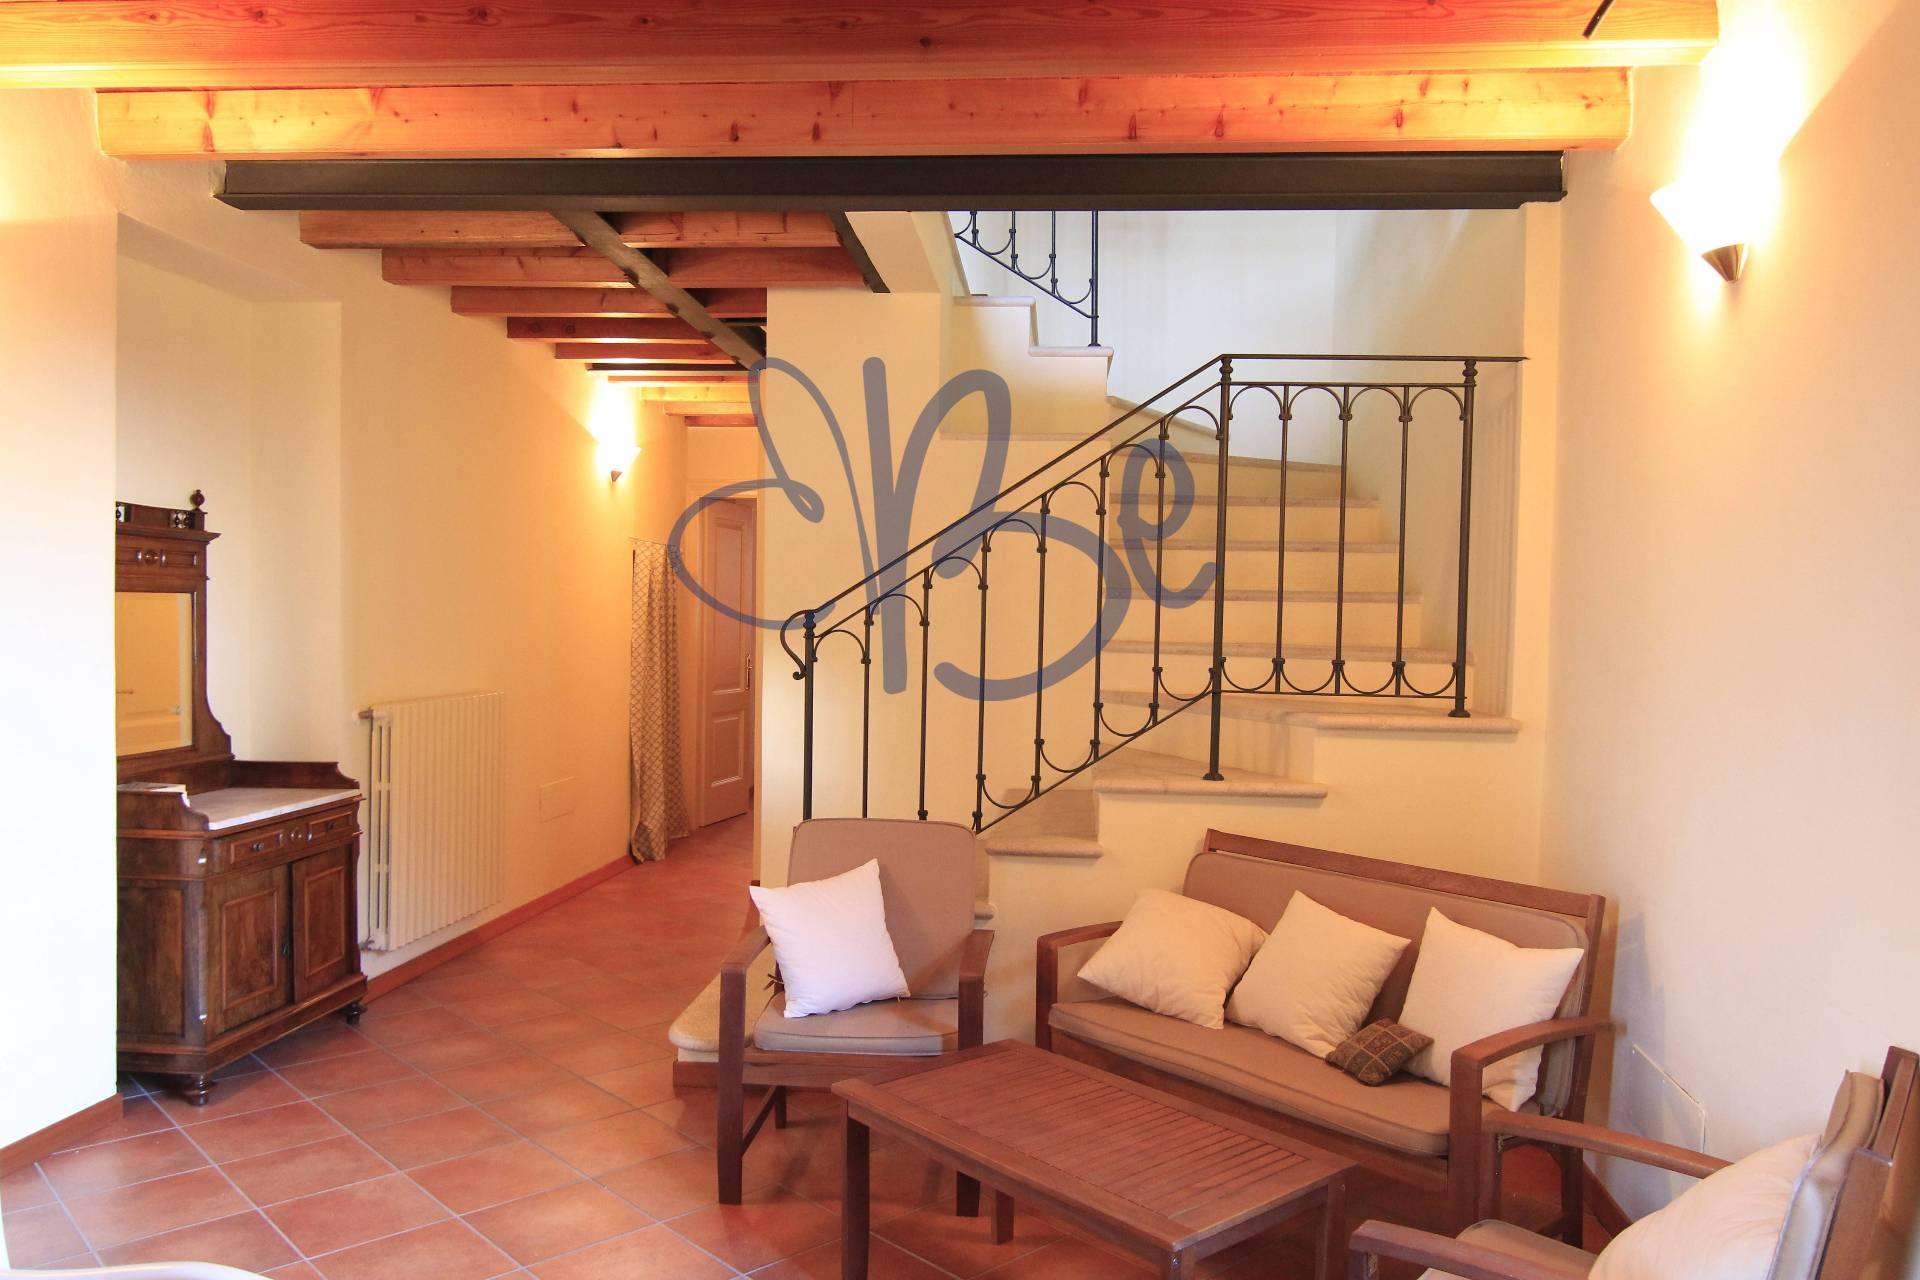 Appartamento in affitto a Gardone Riviera, 3 locali, zona Località: GardoneSotto, Trattative riservate | CambioCasa.it